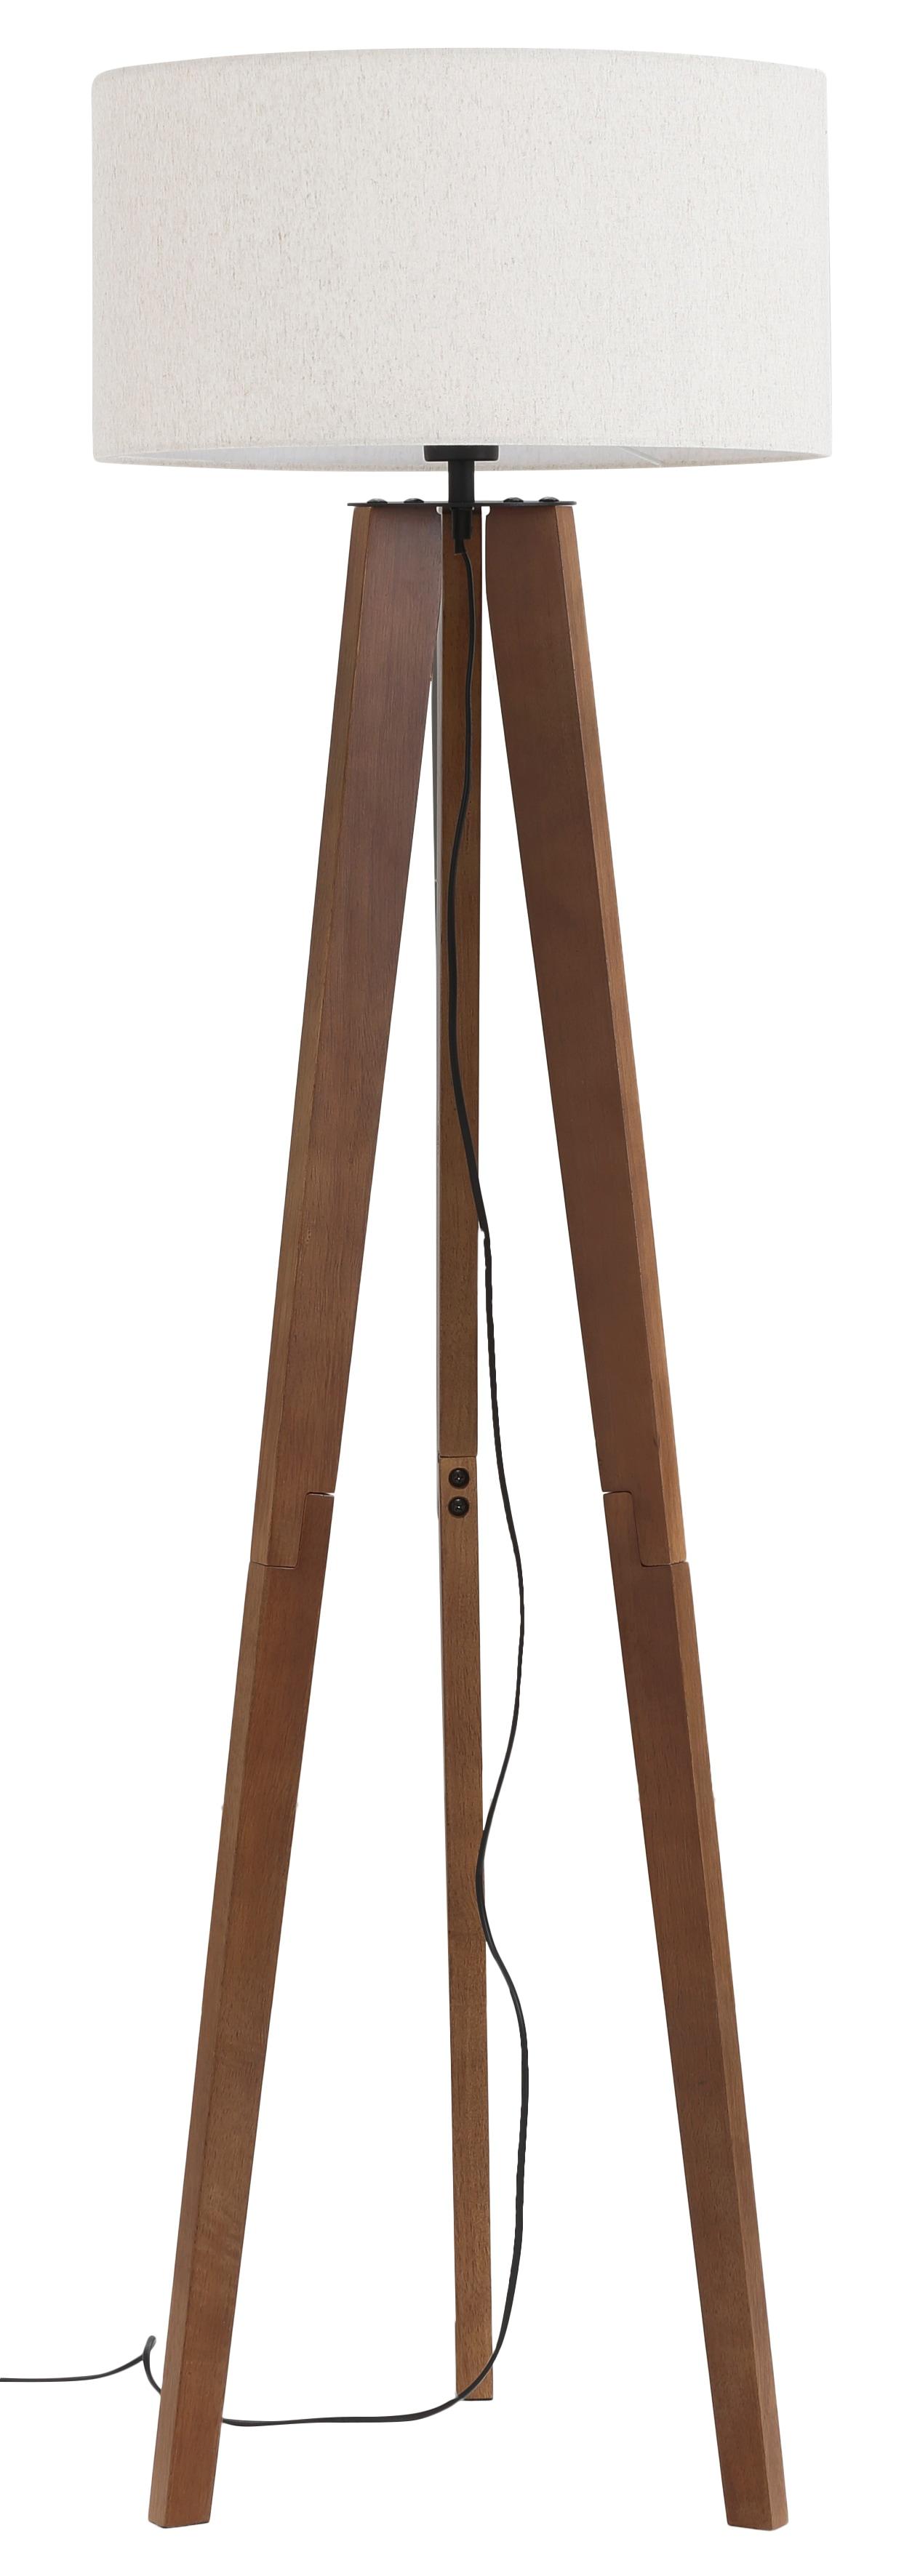 Home affaire Stehlampe Davos, E27, 1 St., Stehleuchte mit massivem Holz Dreibein und Leinenschirm / Stoff - Schirm Ø 45 cm, Höhe 149 cm